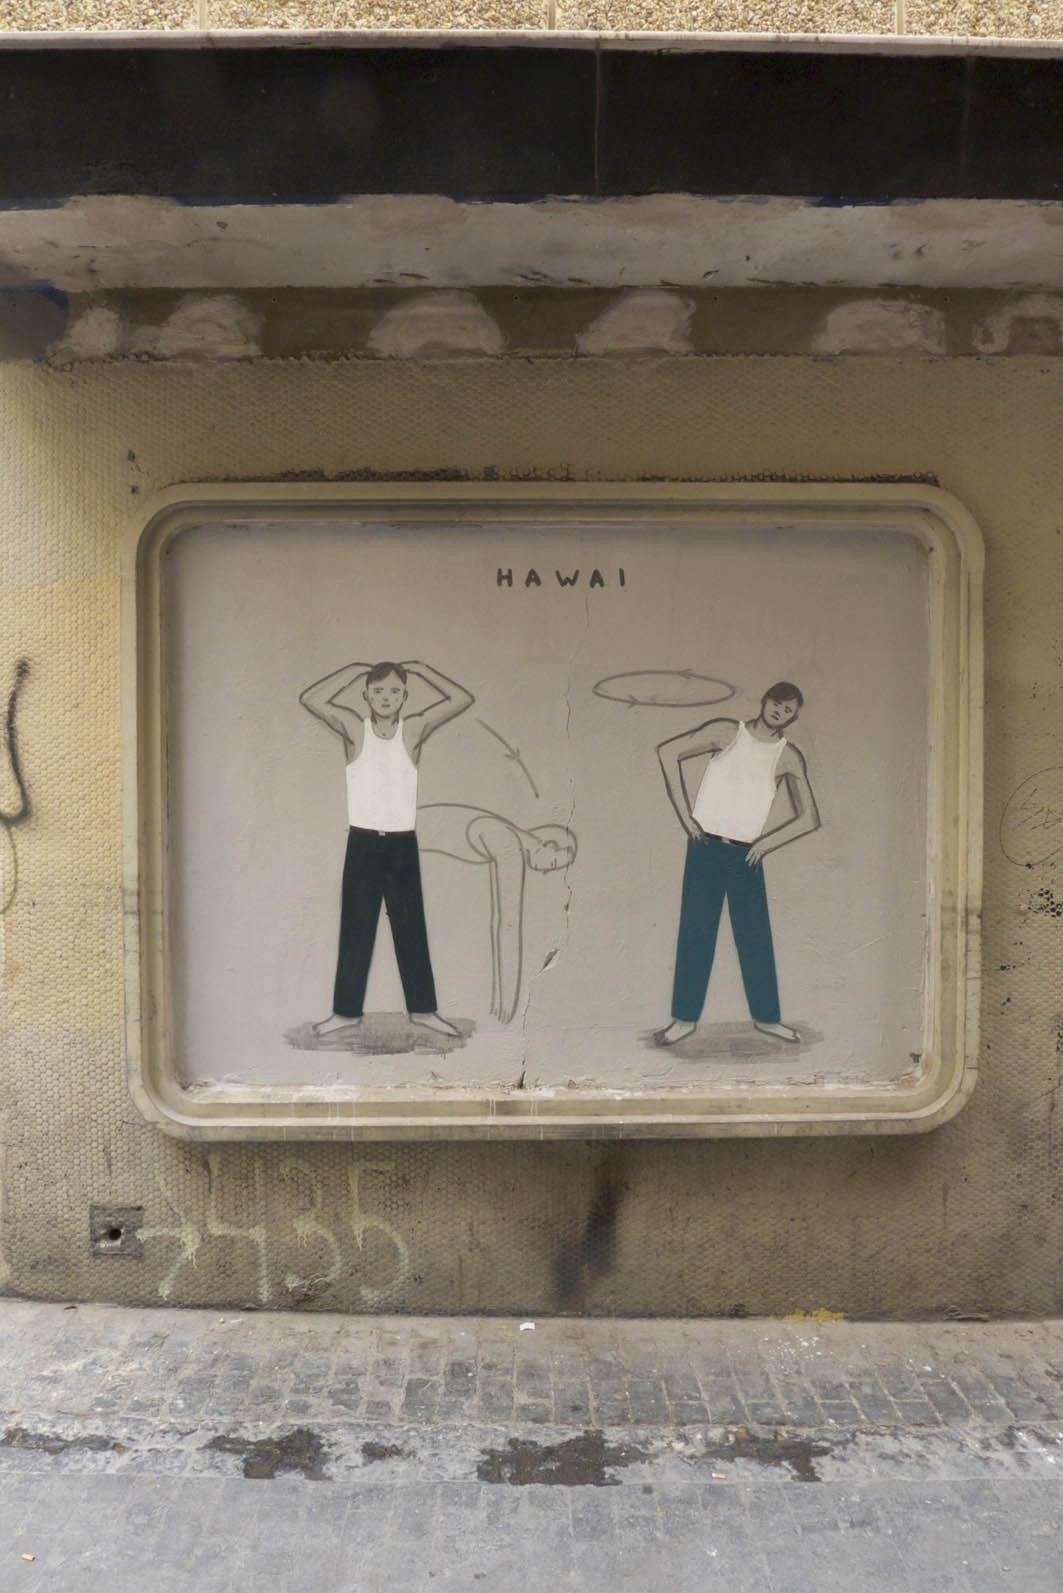 escif-reformas-new-mural-in-valencia-spain-04